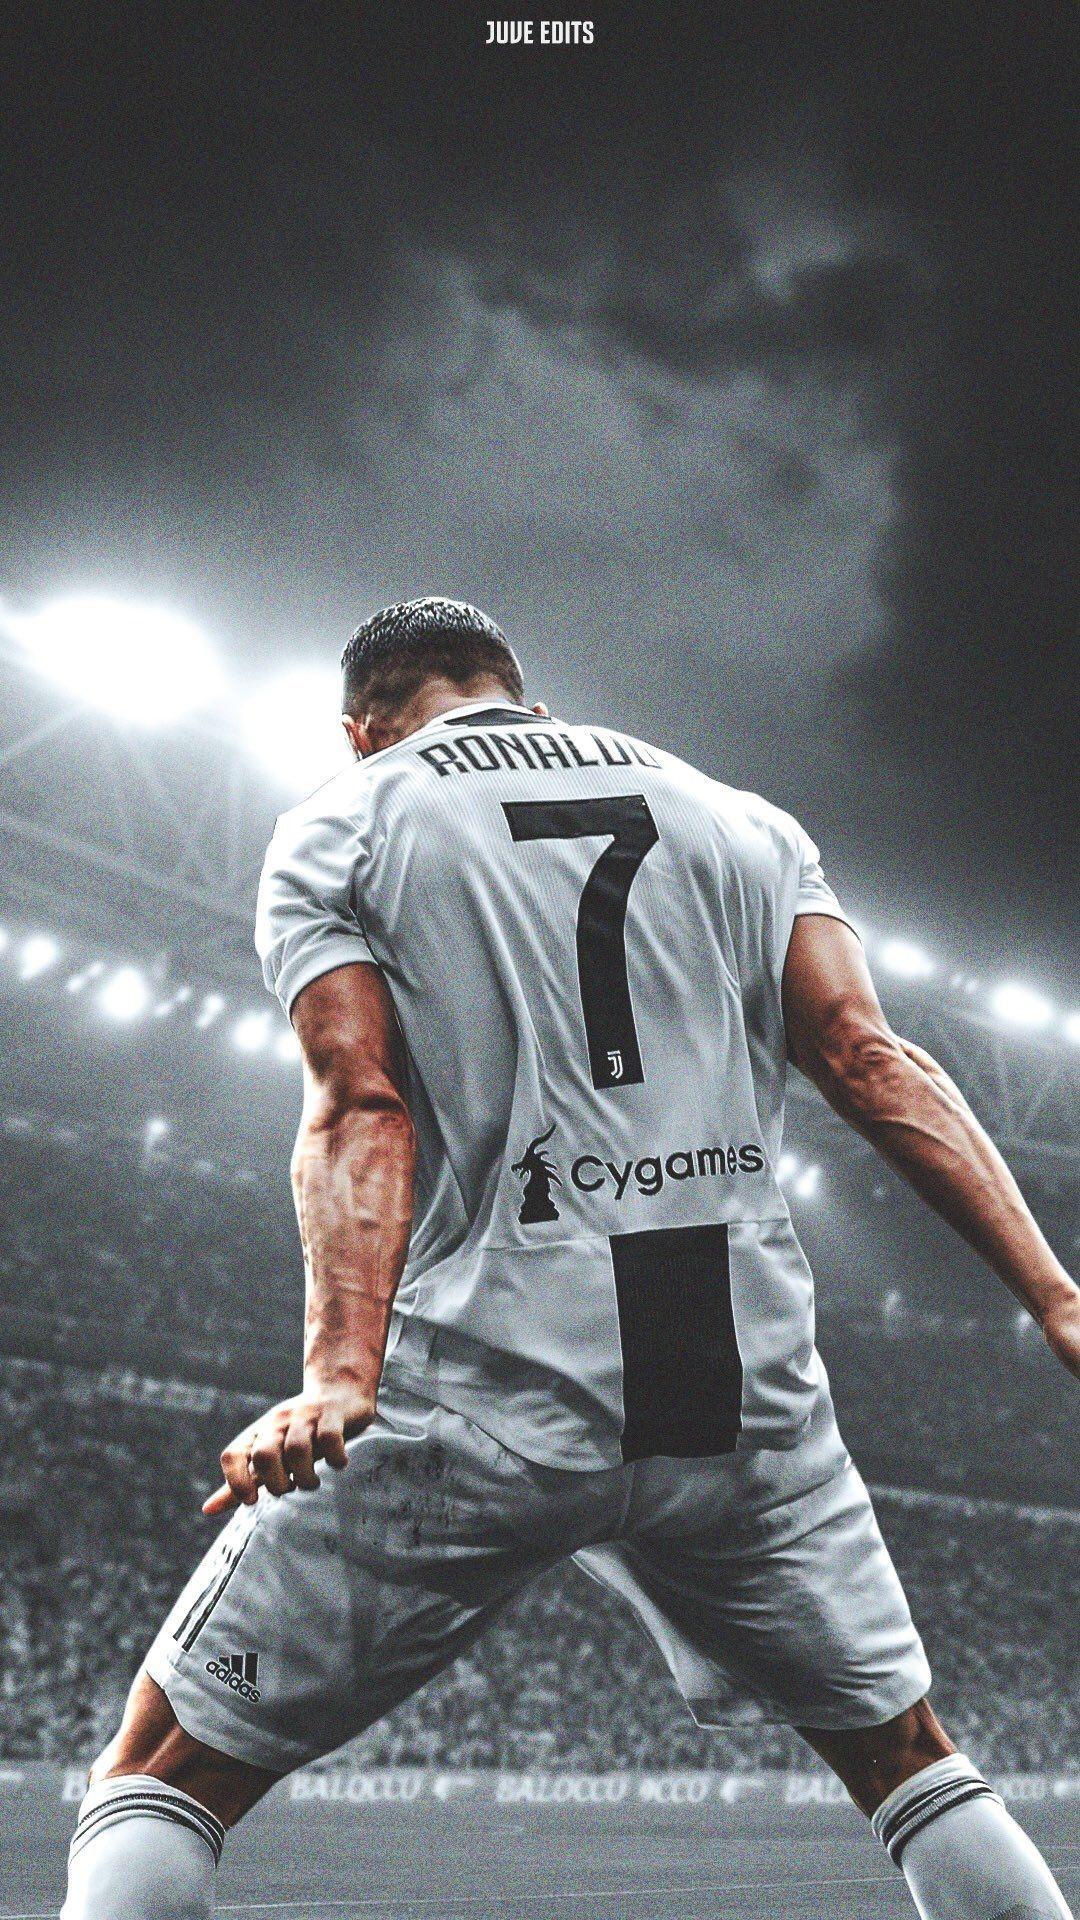 Christiano Ronaldo Est Le Meilleur Joueur De Tous Les Temps Puisqu Il Est Le Seul Capable De Ma Joueur De Football Cristiano Ronaldo Photo De Cristiano Ronaldo